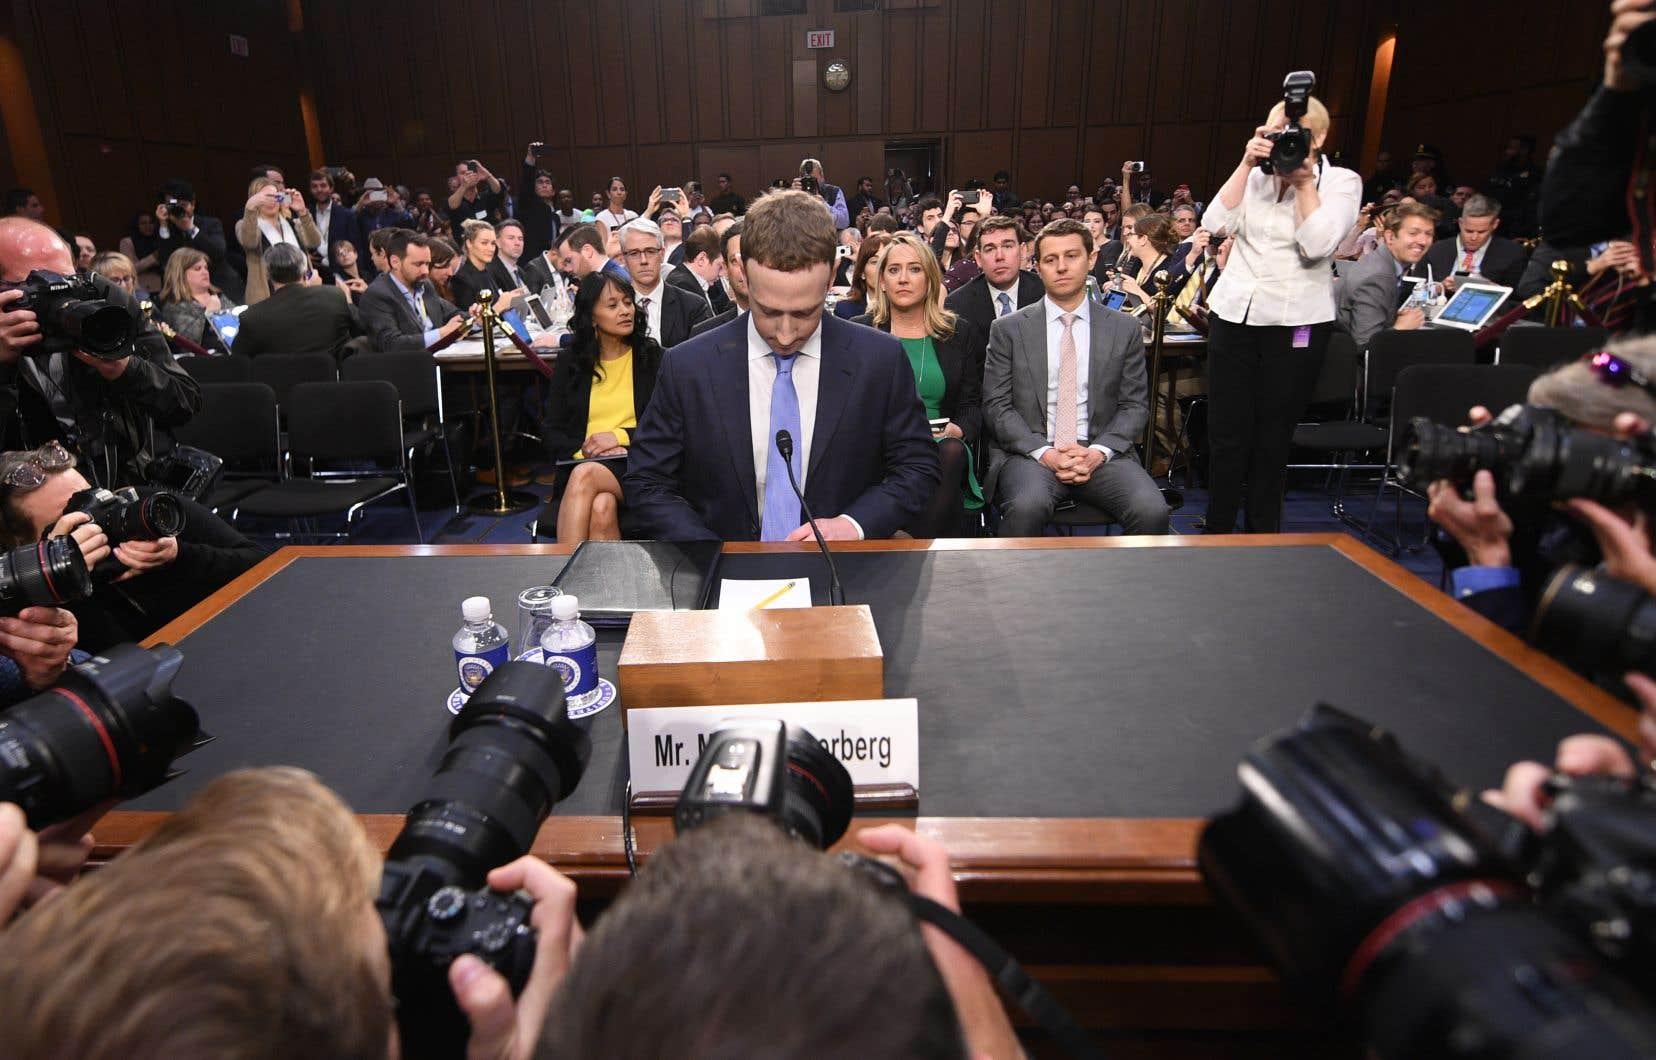 Mark Zuckerberg était de passage devant le Congrès américain la semaine dernière. Selon l'auteur, le fait que le siège social de Facebook soit situé aux États-Unis, et donc soumis aux lois américaines, est un avantage pour les agences de renseignement.